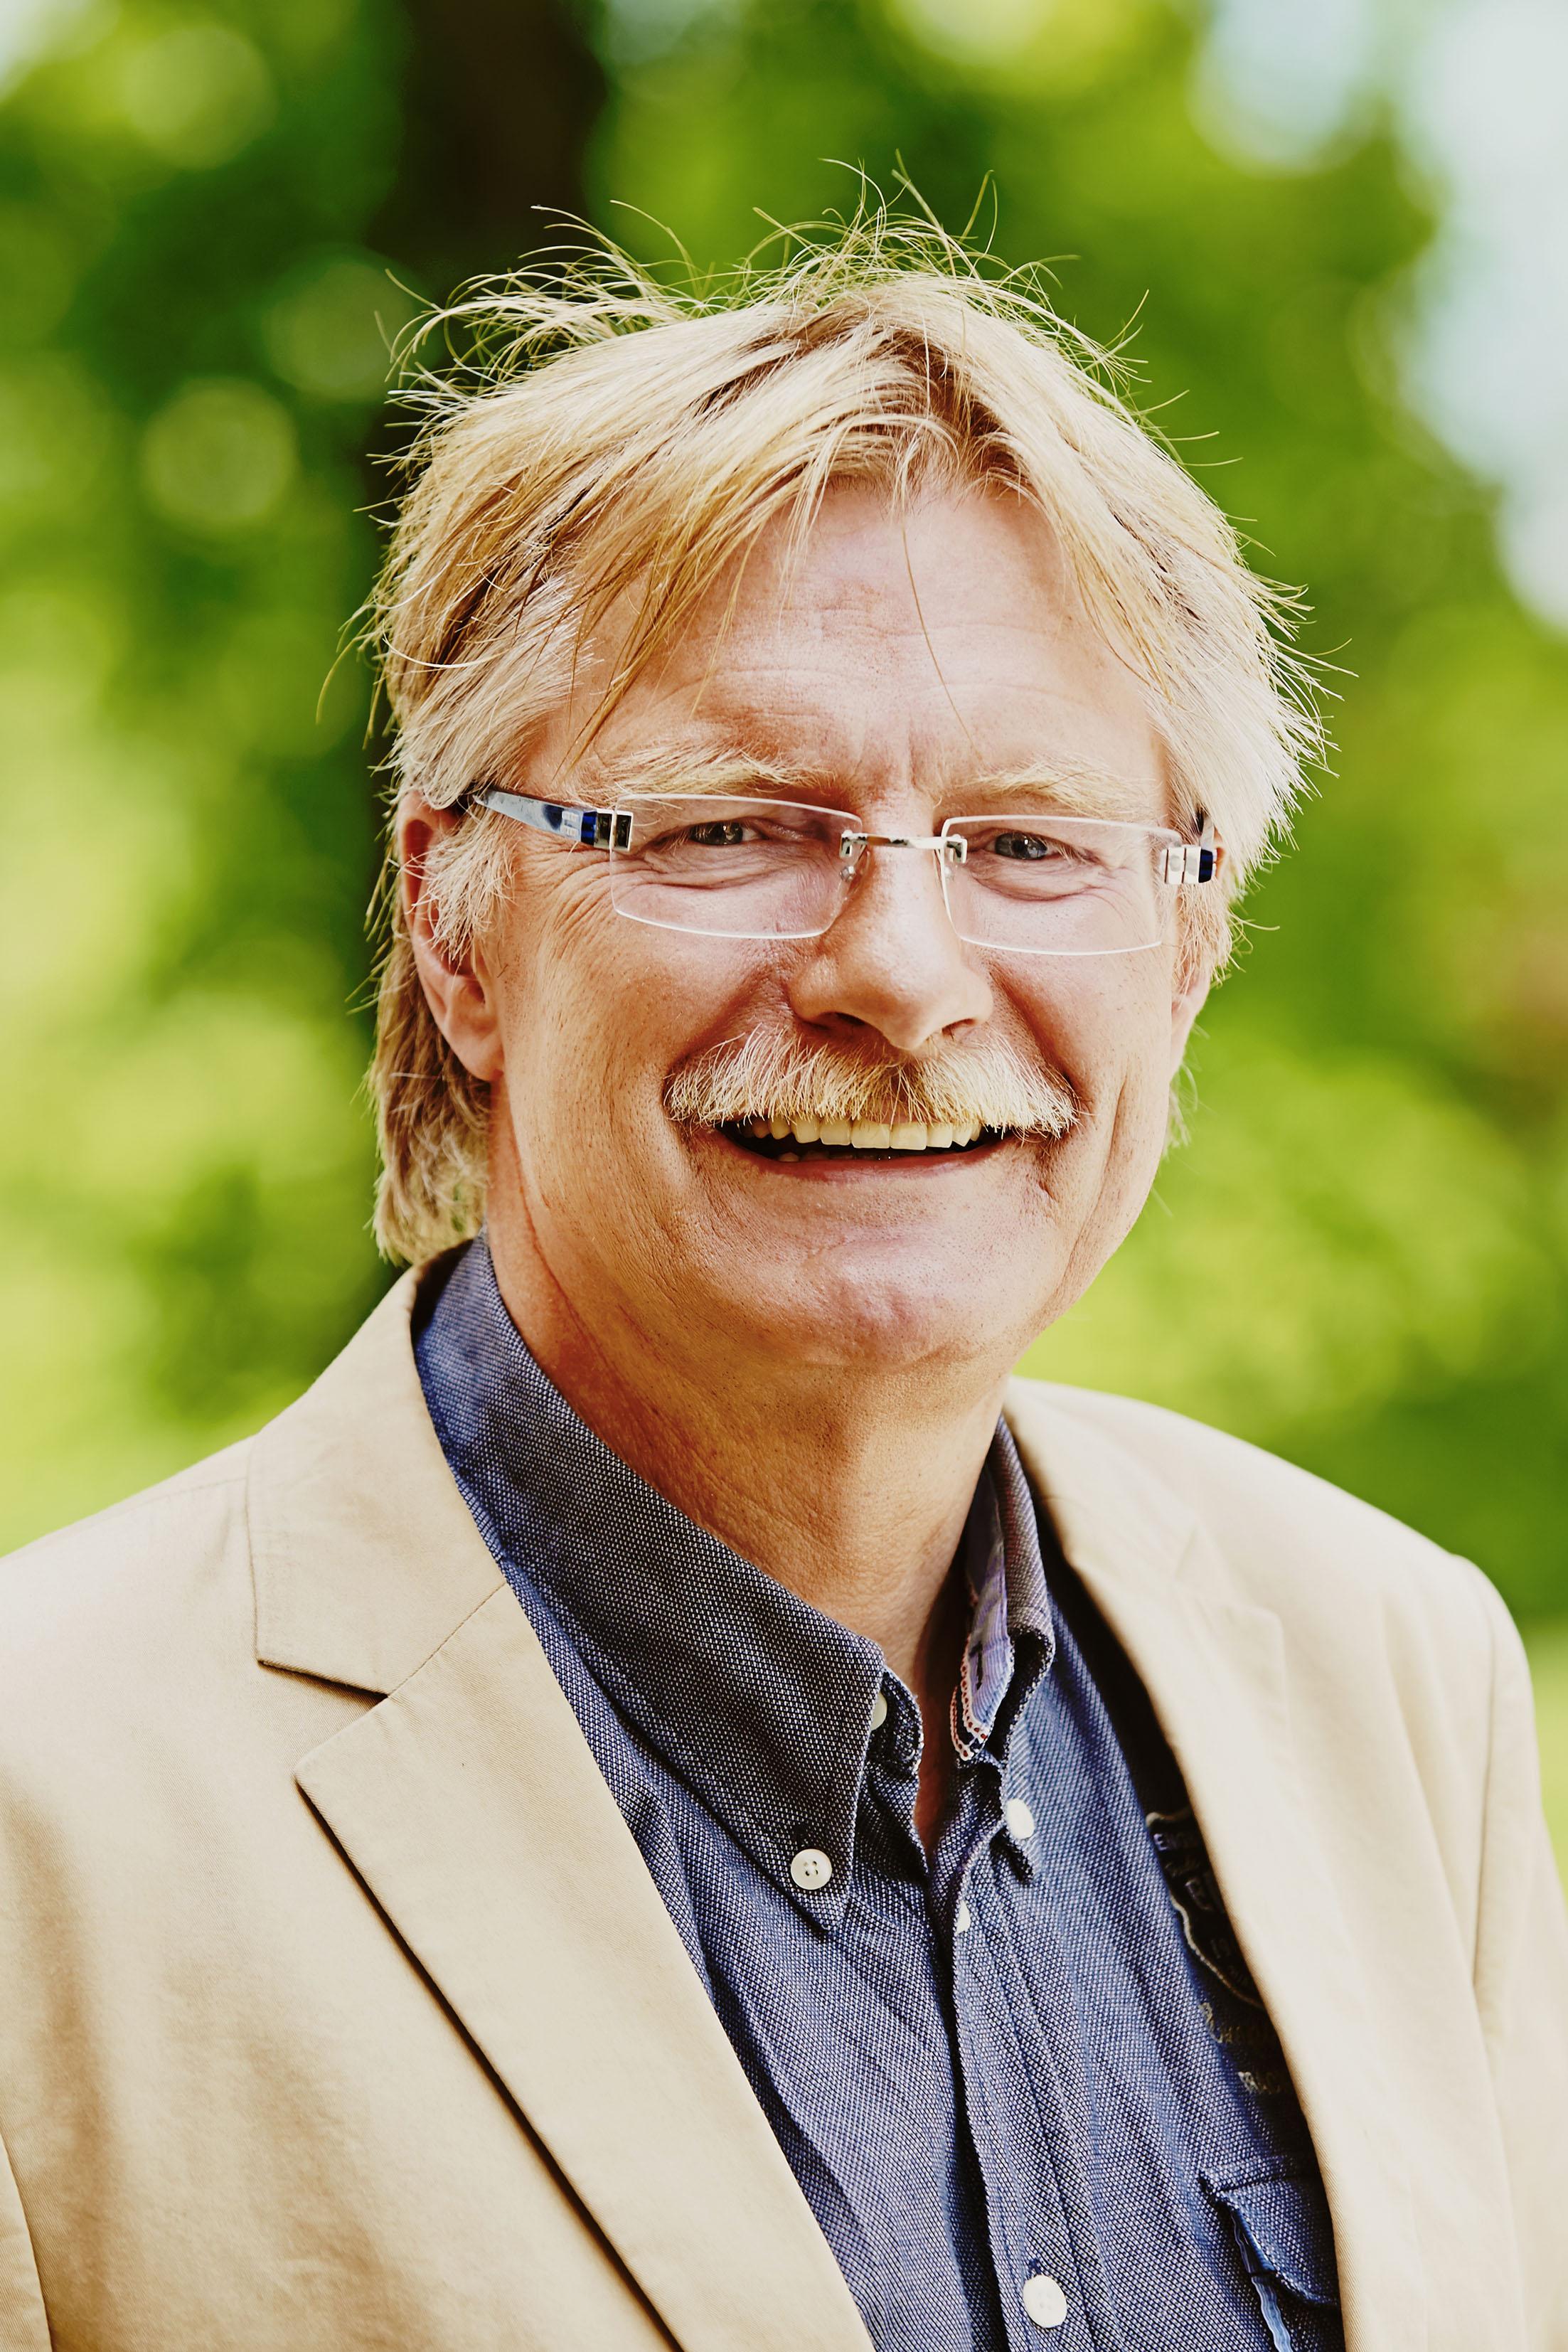 Günter Wagner vom Deutschen Institut für Sporternährung e.V. weiß, wie wichtig sekundäre Pflanzenstoffe für den Körper sind.